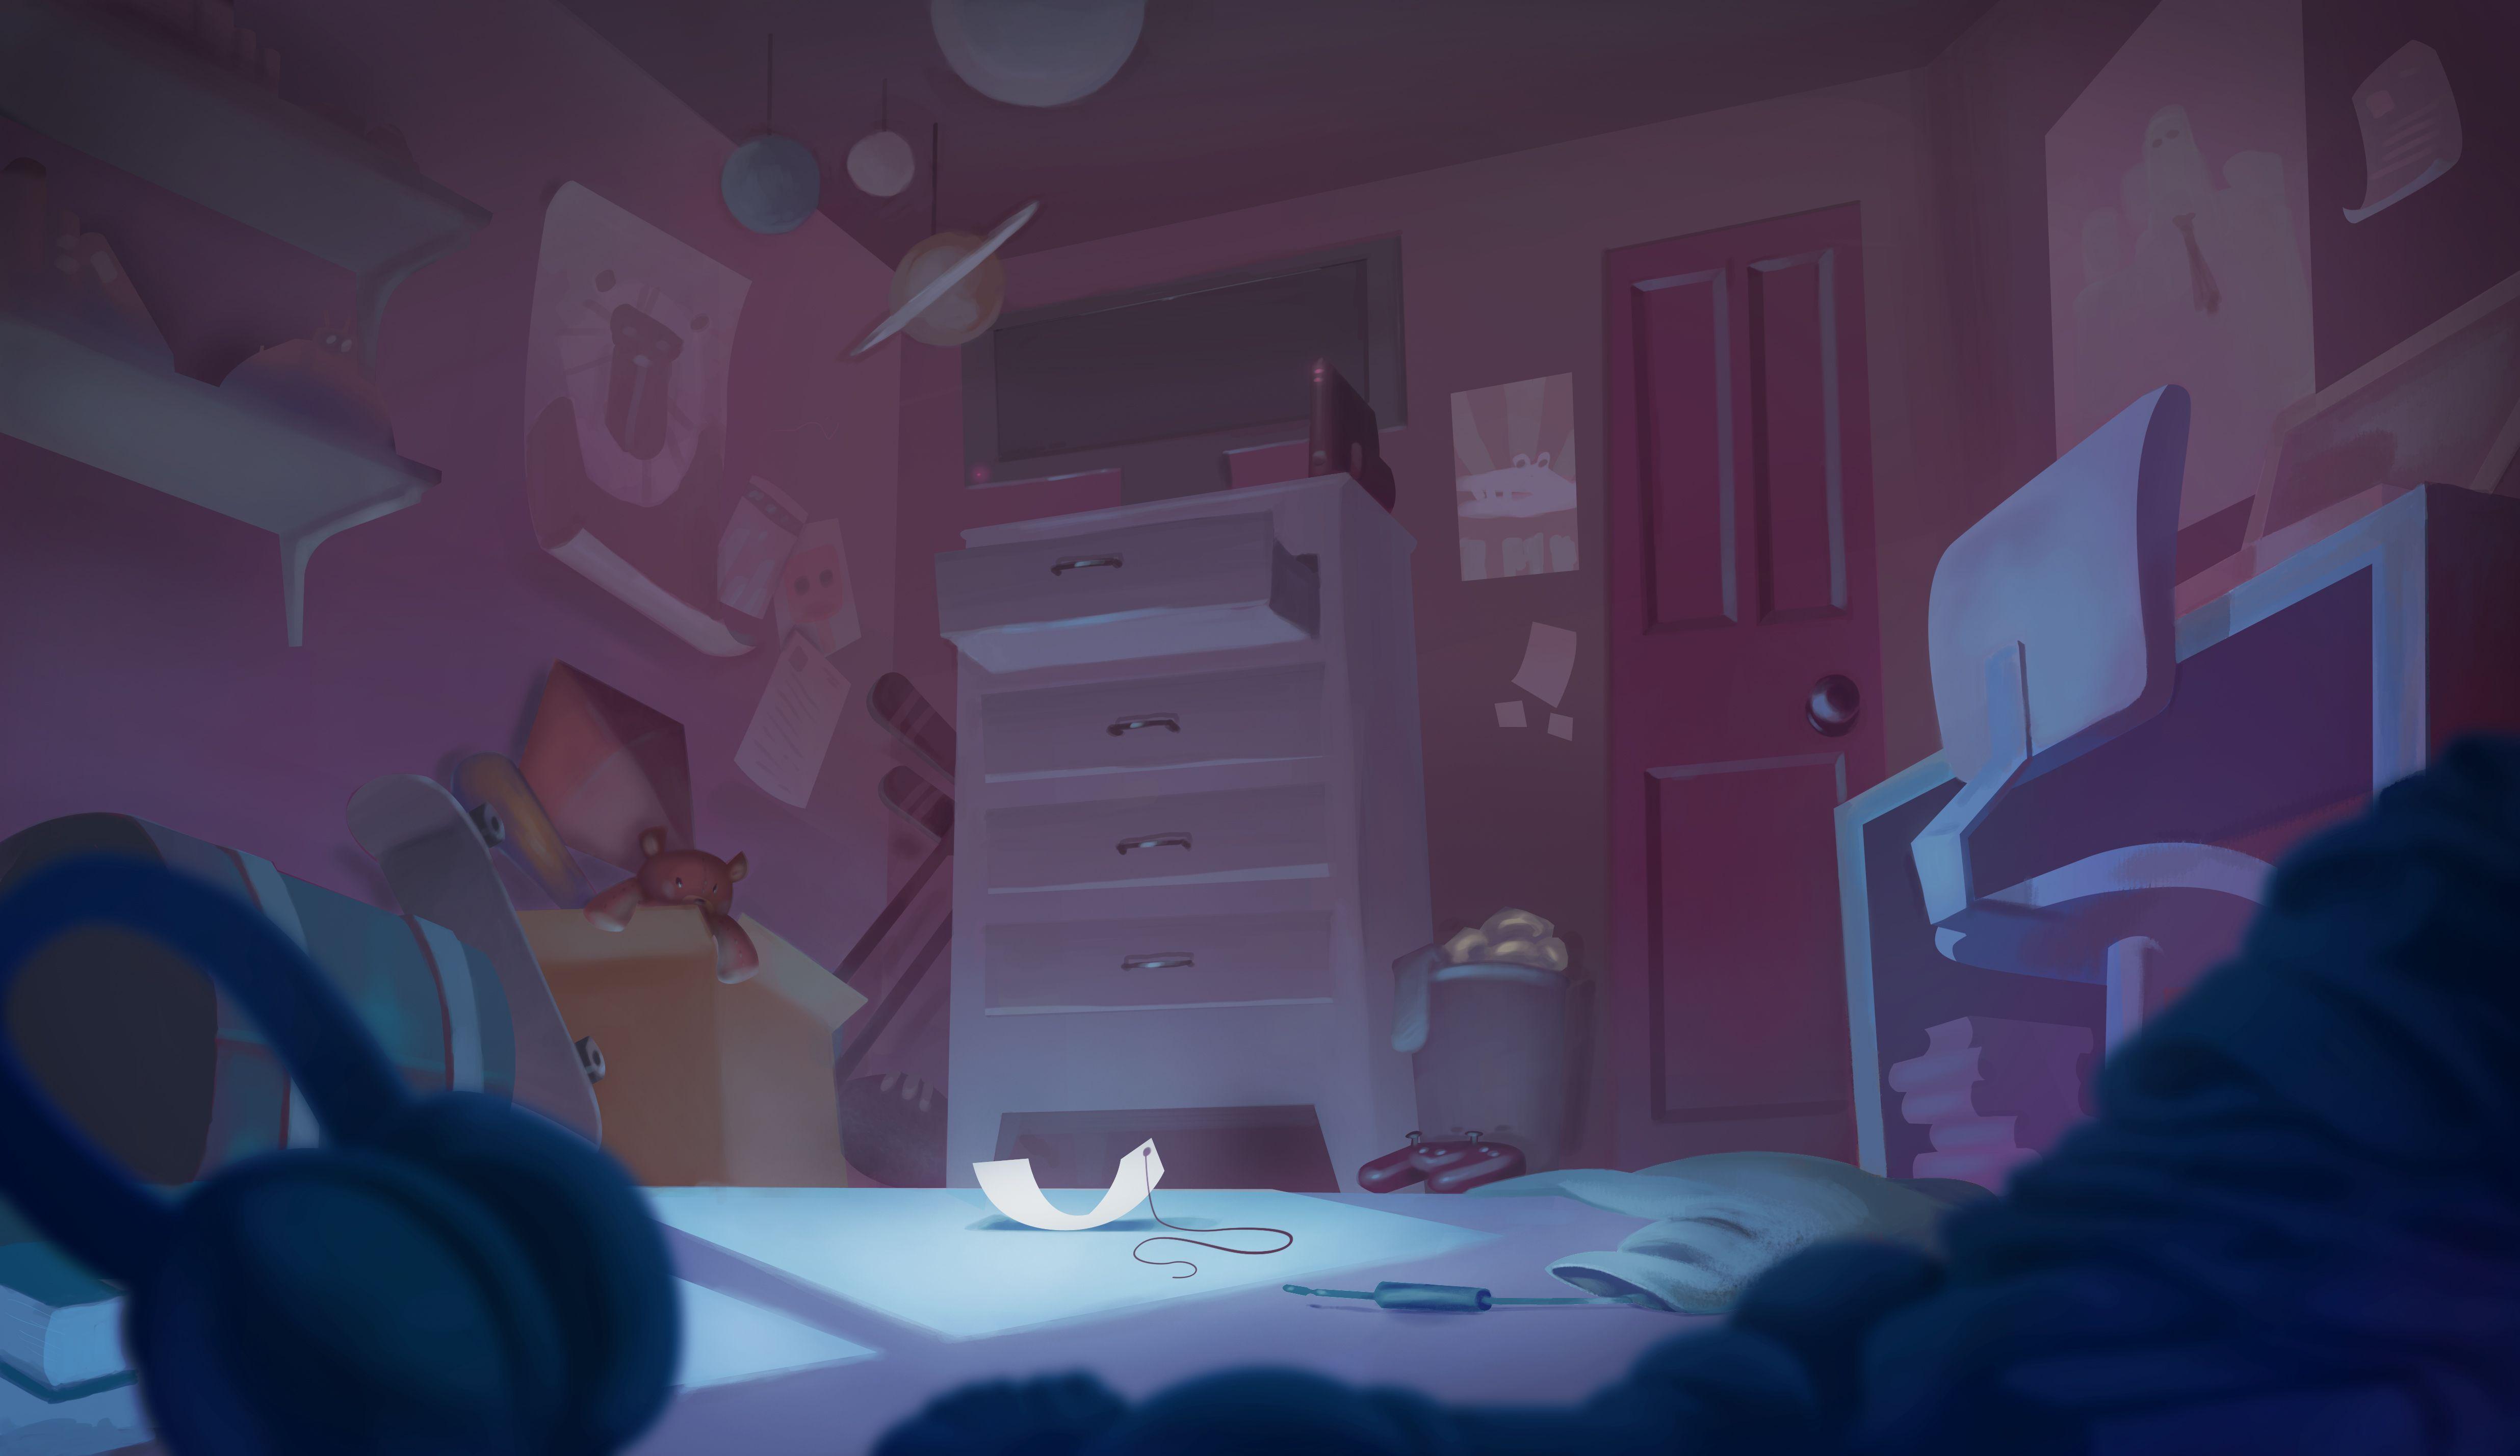 milo s bedroom from milo s bedroom from